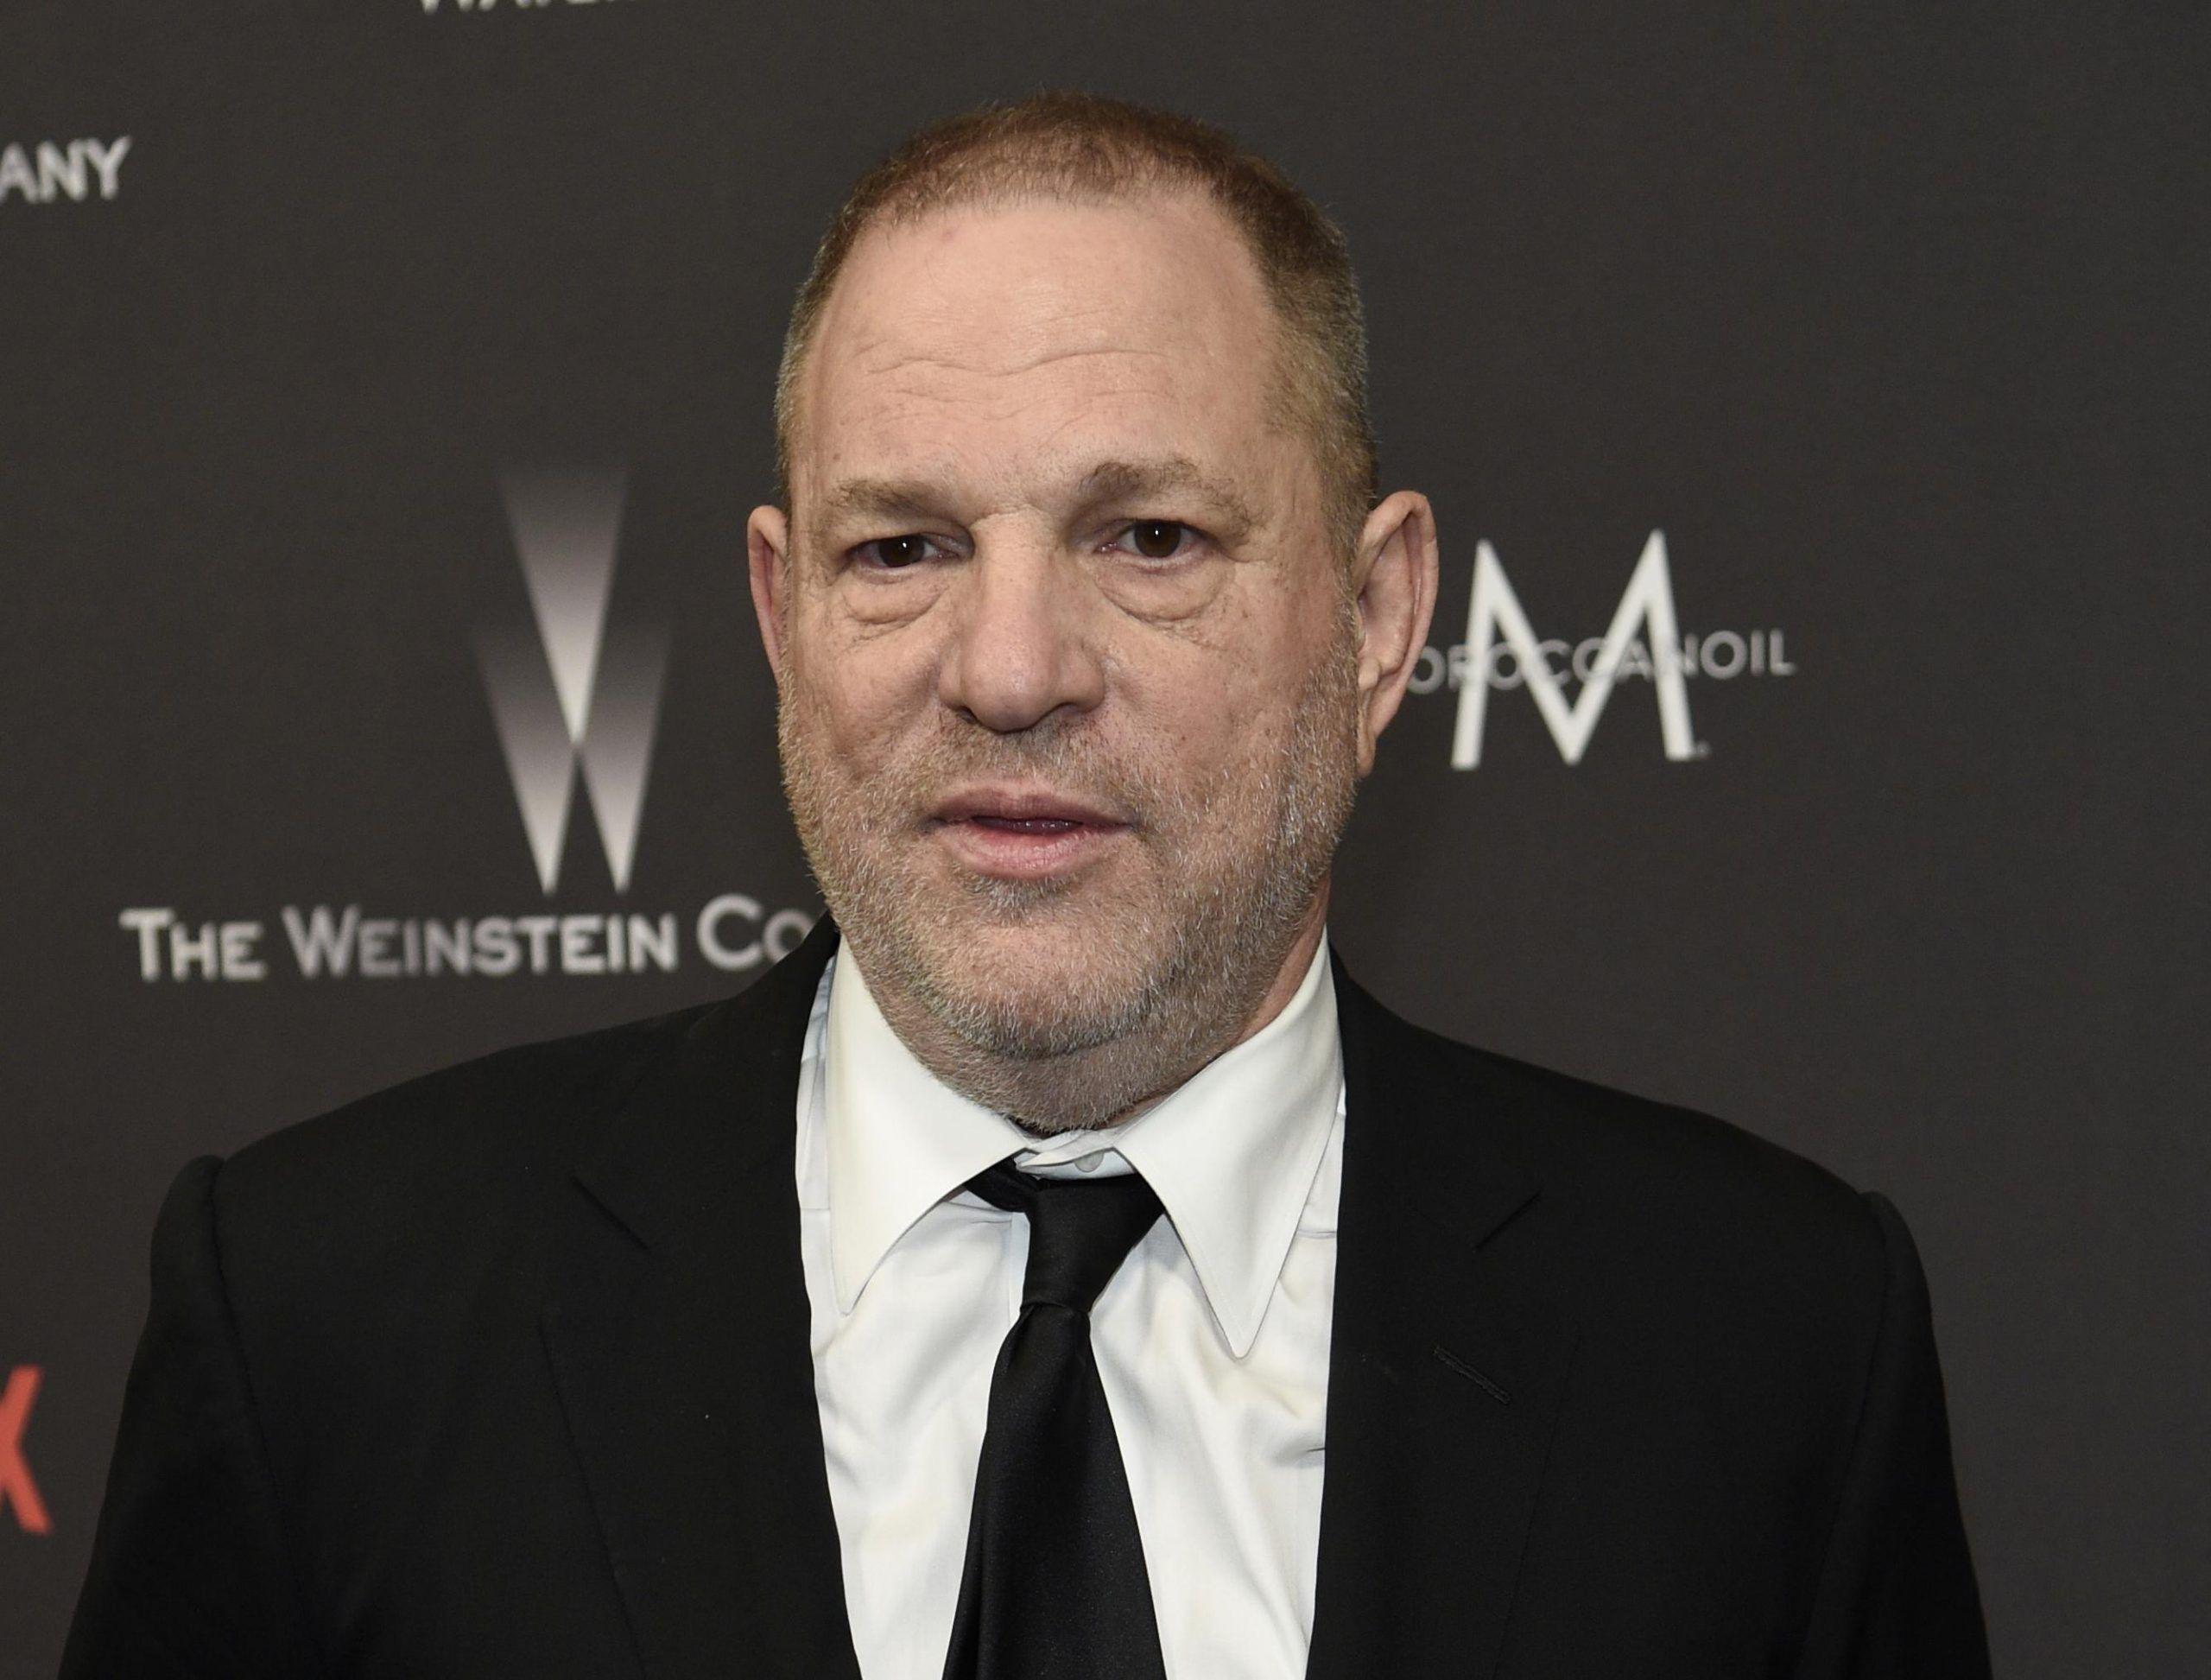 ++ Weinstein: polizia Ny, indizi sufficienti per arresto ++